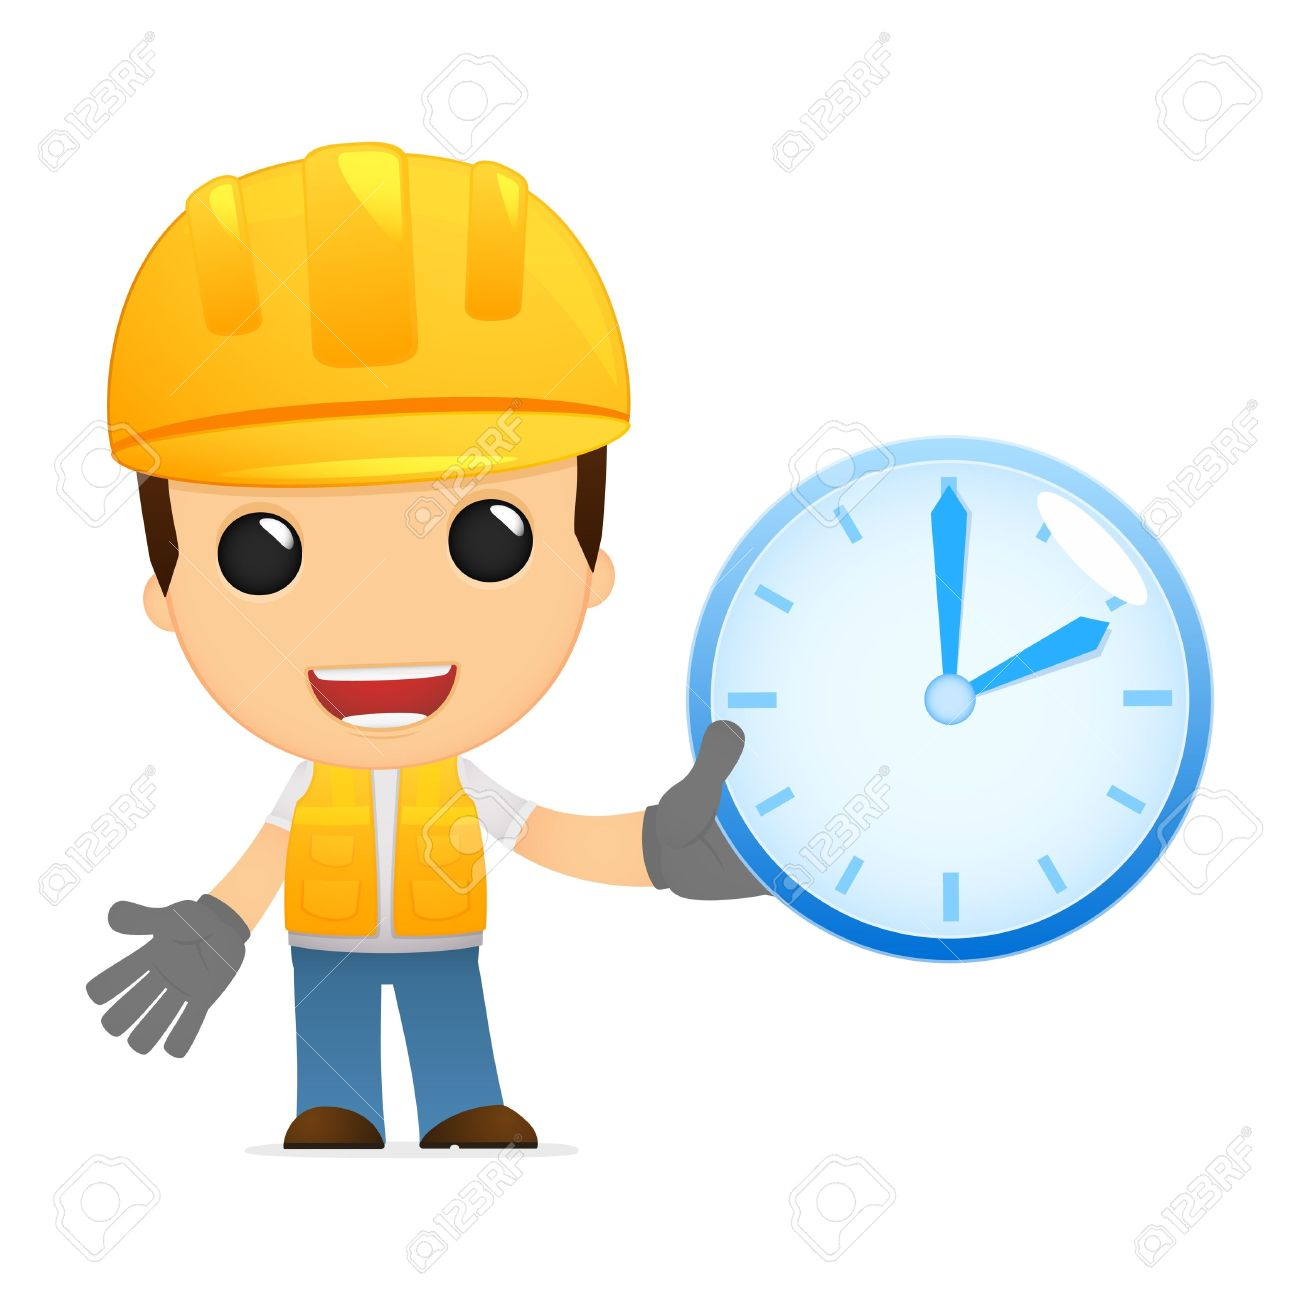 El peque o rinc n de fol duraci n de la jornada de trabajo - Horario oficina seguridad social ...